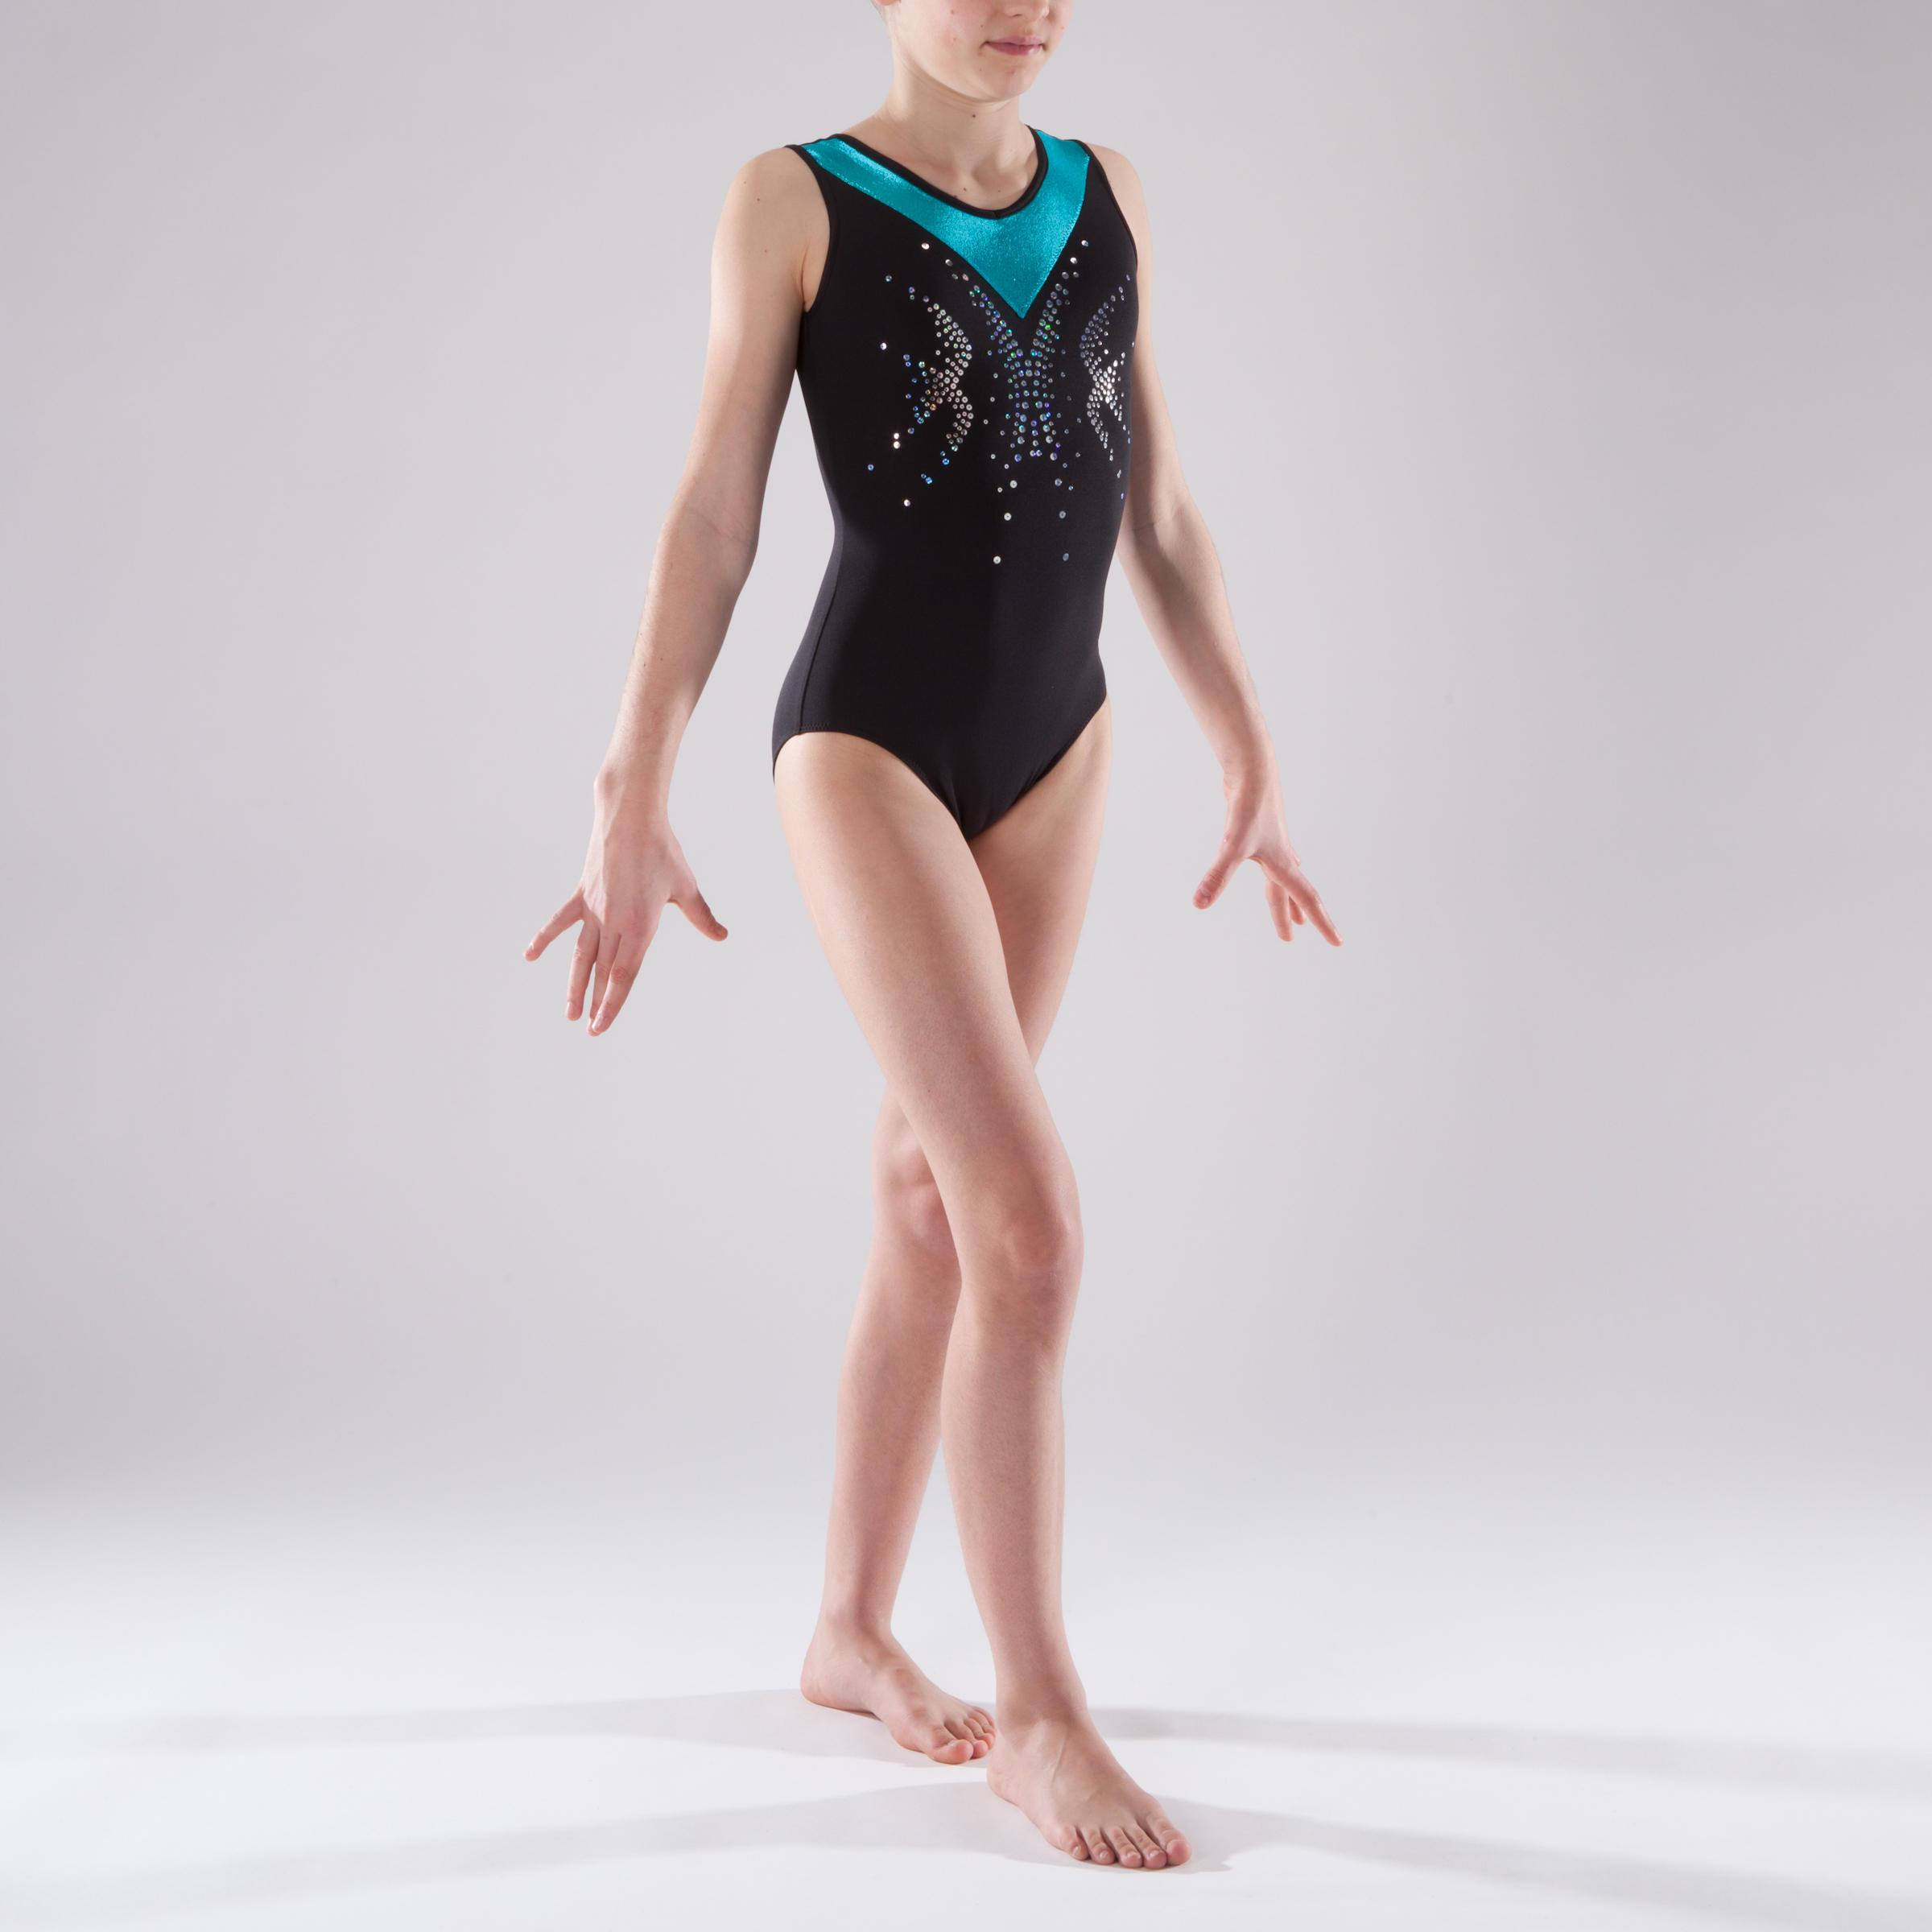 Léotard sans manches gymnastique féminine noir/turquoise à sequins